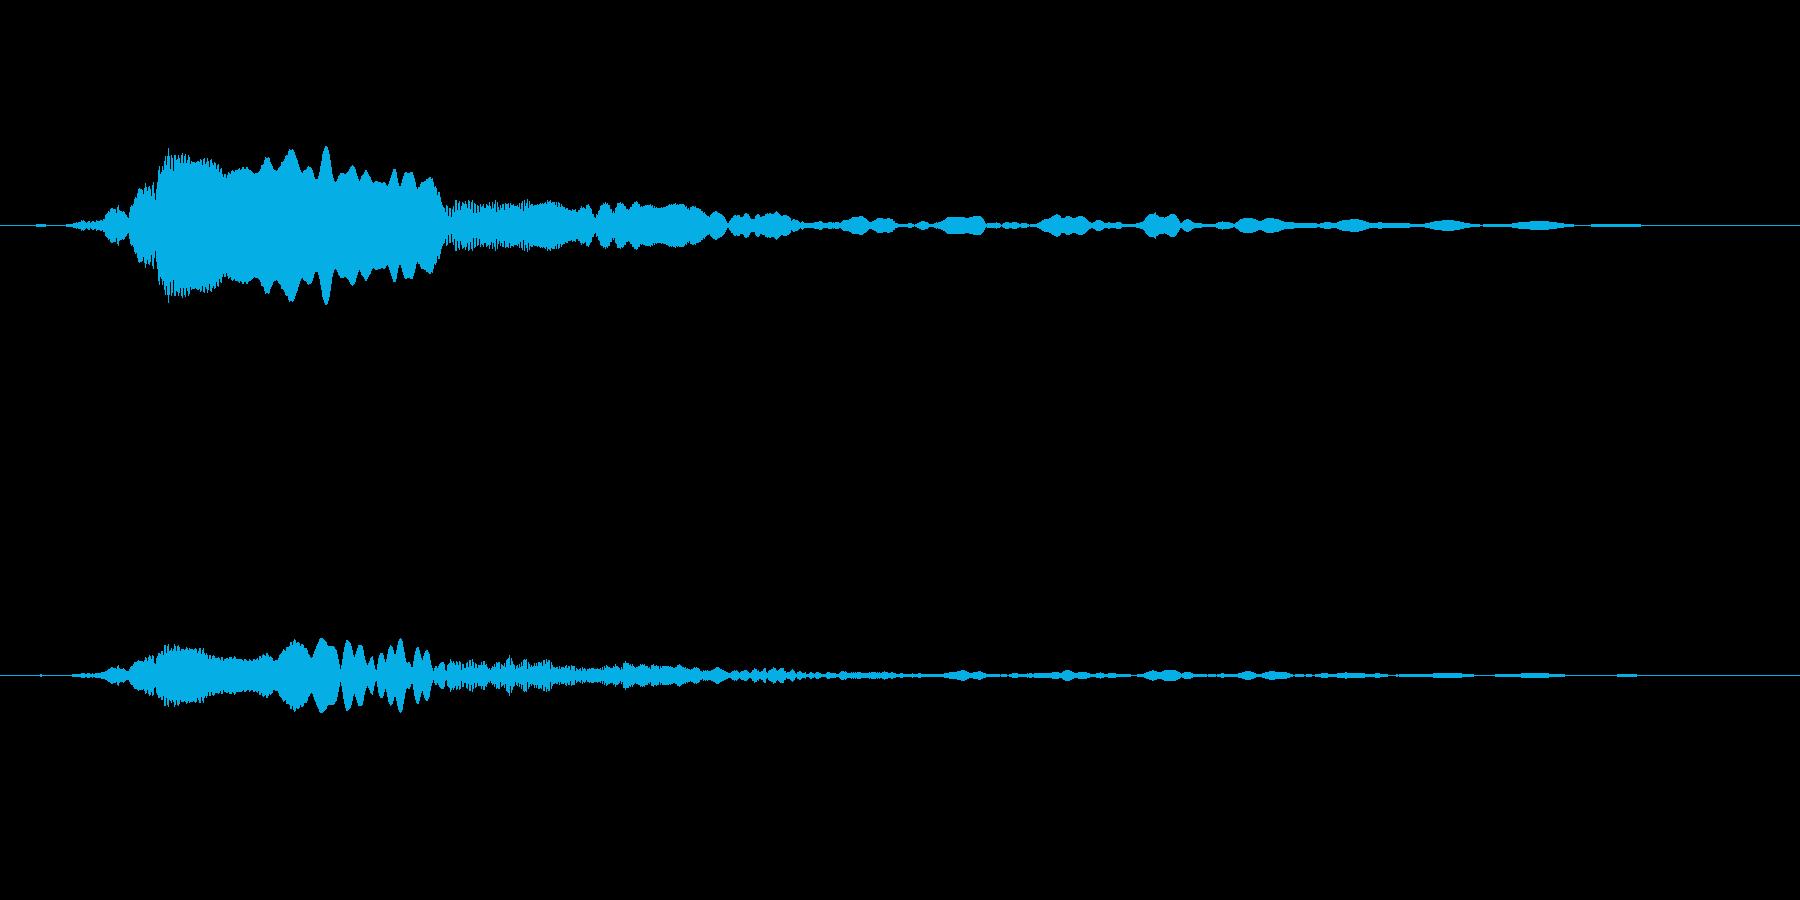 「ピーヒョロロ」鳶、とんびの鳴き声01 の再生済みの波形